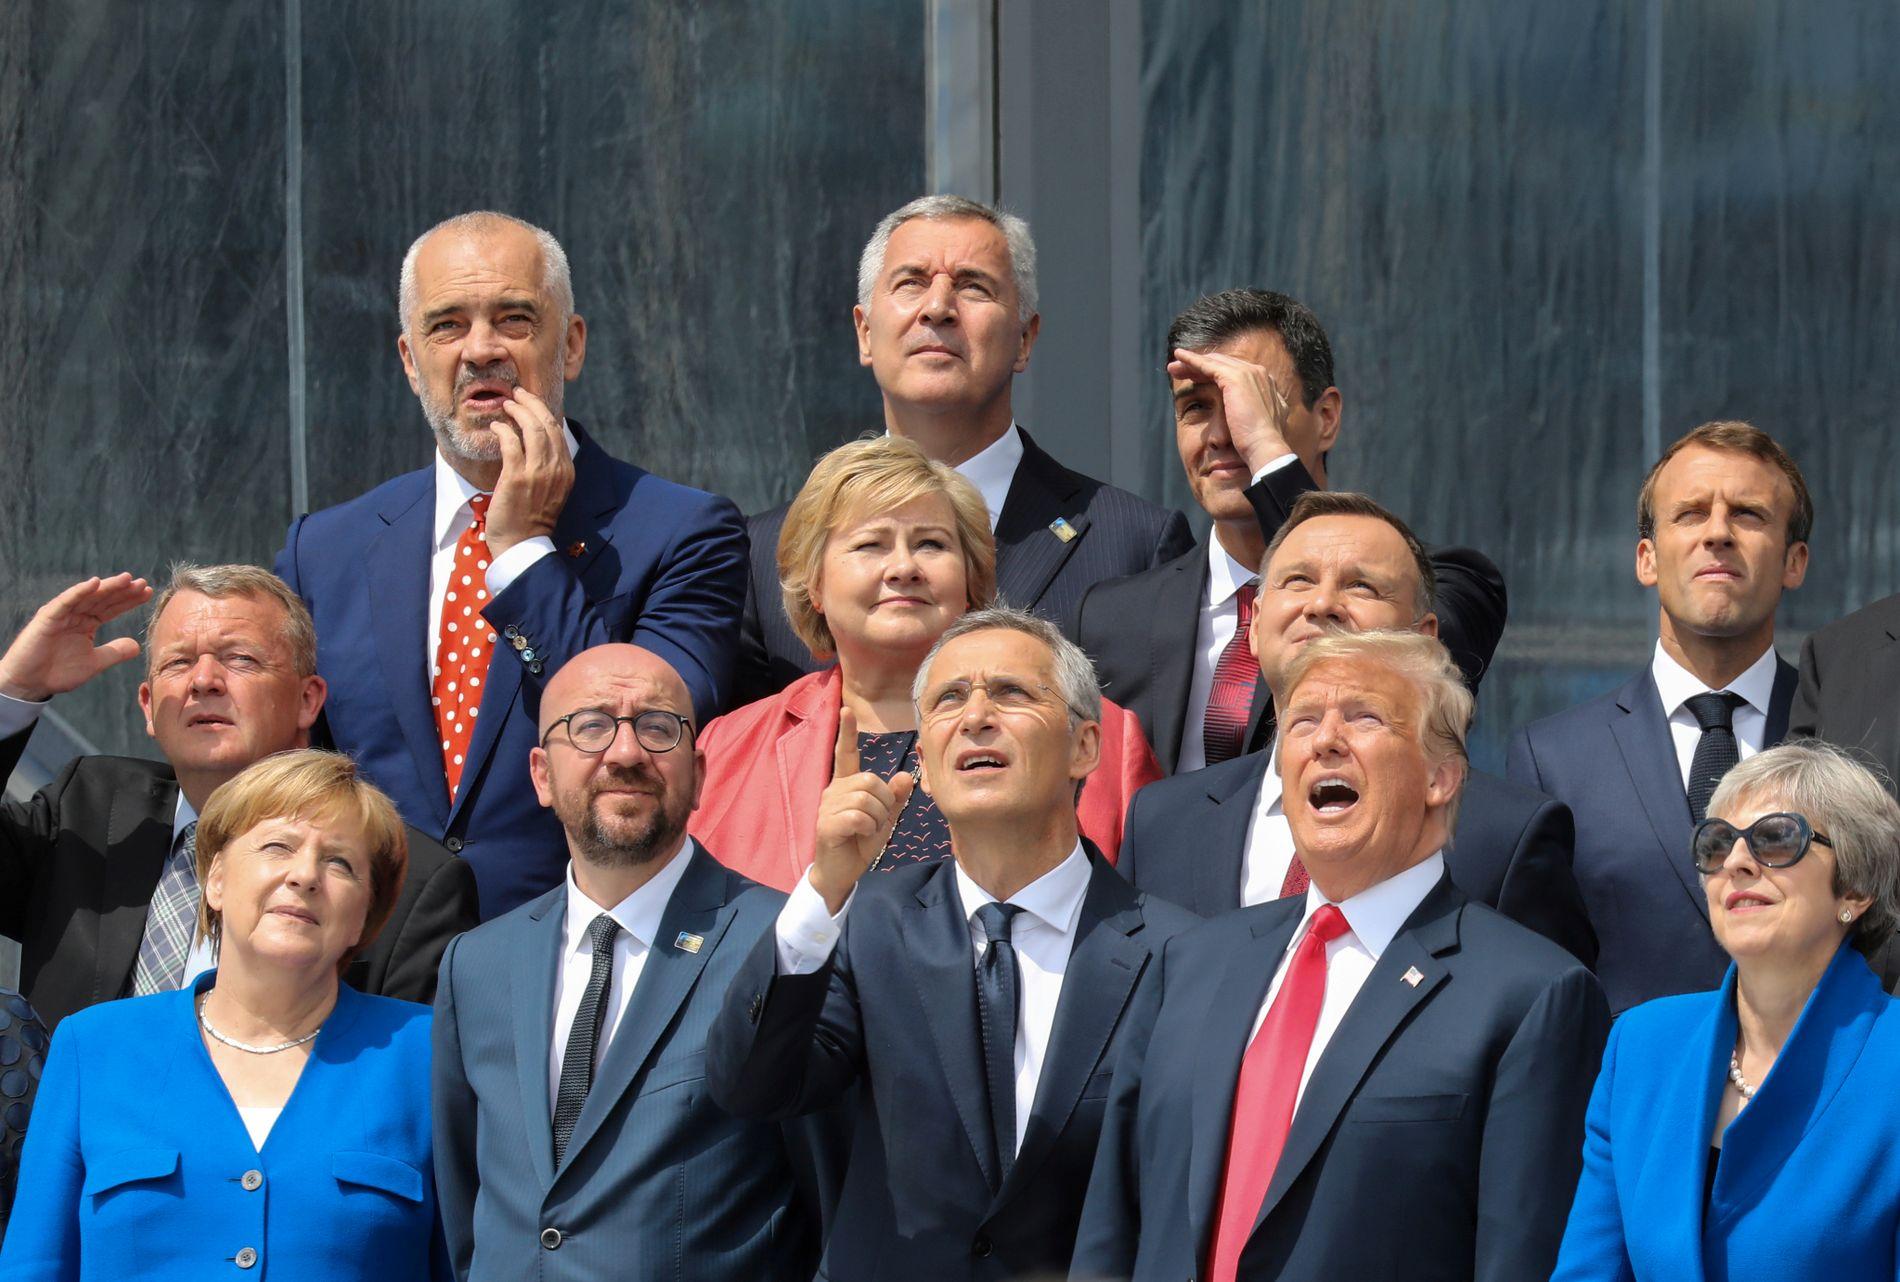 LEDET MØTET: Jens Stoltenberg sammen med Donald Trump og andre statsledere under NATO-toppmøtet.